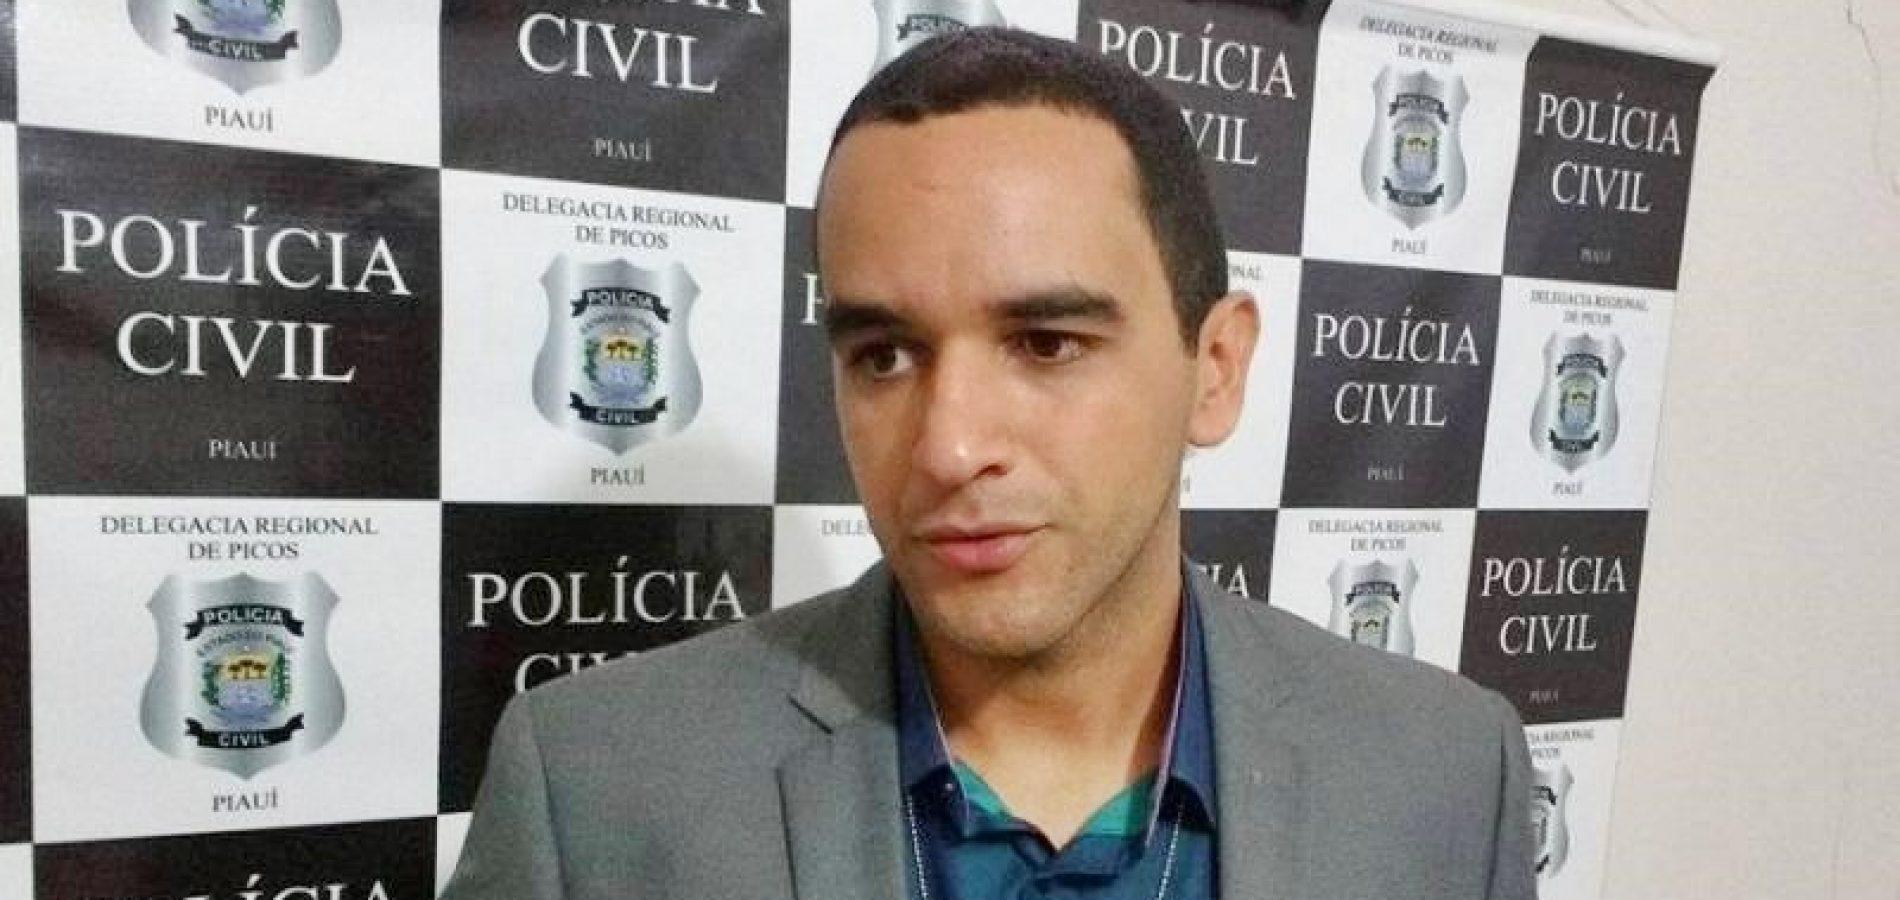 Polícia Civil já tem suspeitos de autoria de chacina em Francisco Santos